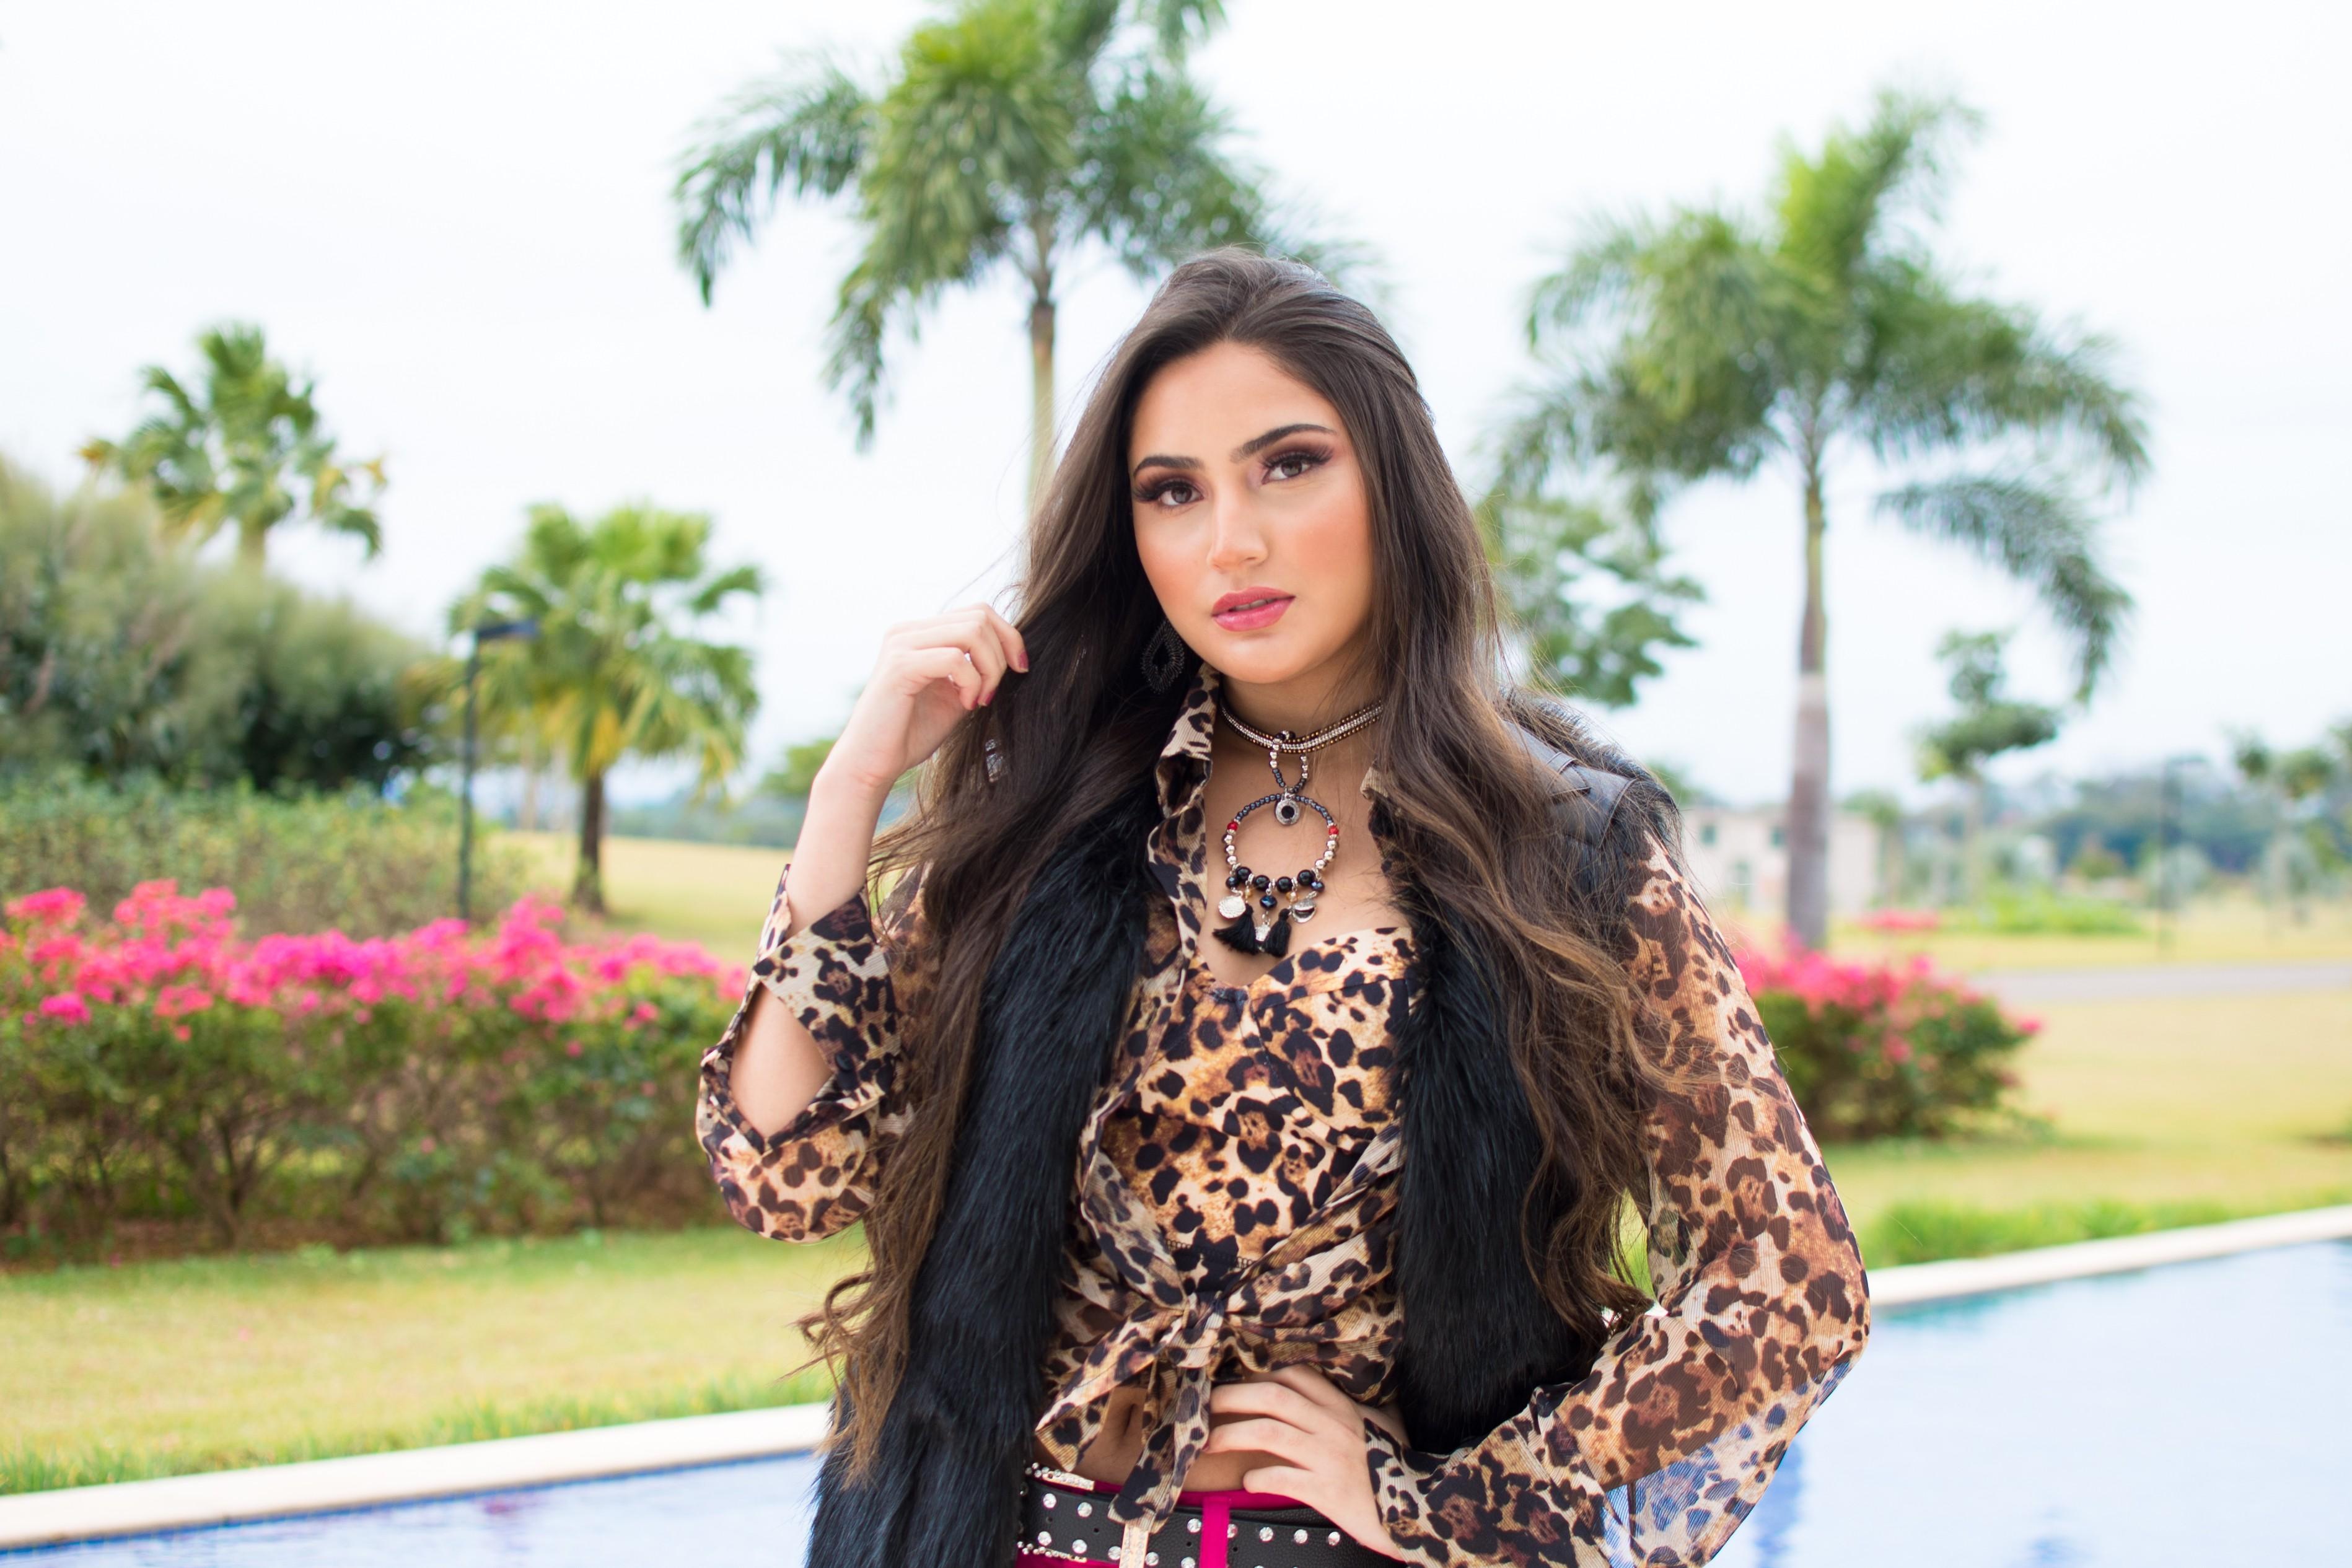 Daniela Camargo é eleita rainha do Jaguariúna Rodeo Festival 2019 - Notícias - Plantão Diário